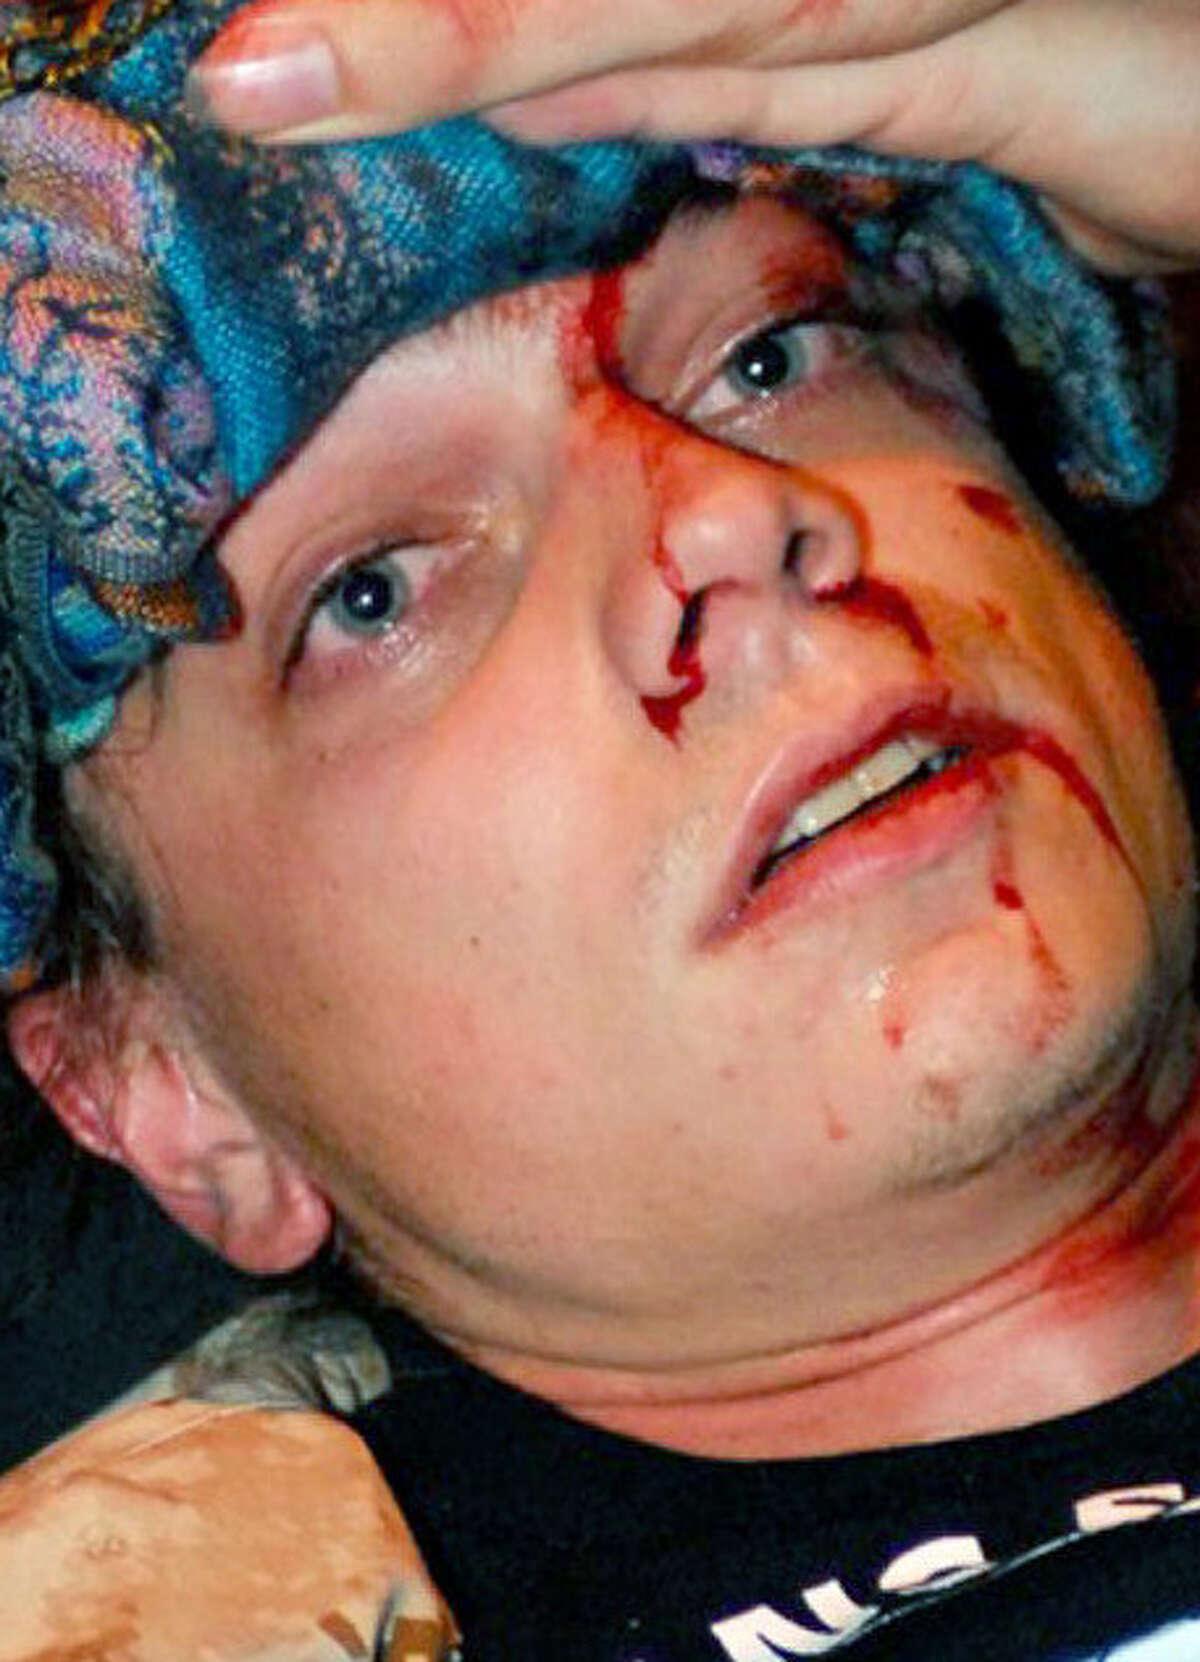 Iraq War vet Scott Olsen was seriously hurt in a 2011 fracas.